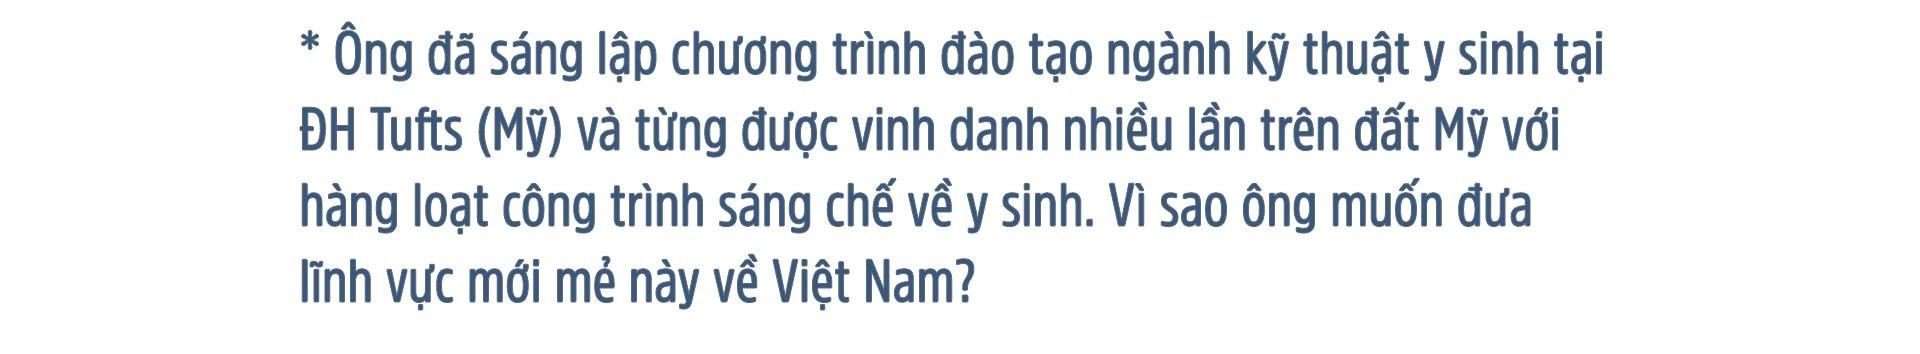 GS Võ Văn Tới: Về nước vì sinh viên Việt Nam thất bại - Ảnh 5.